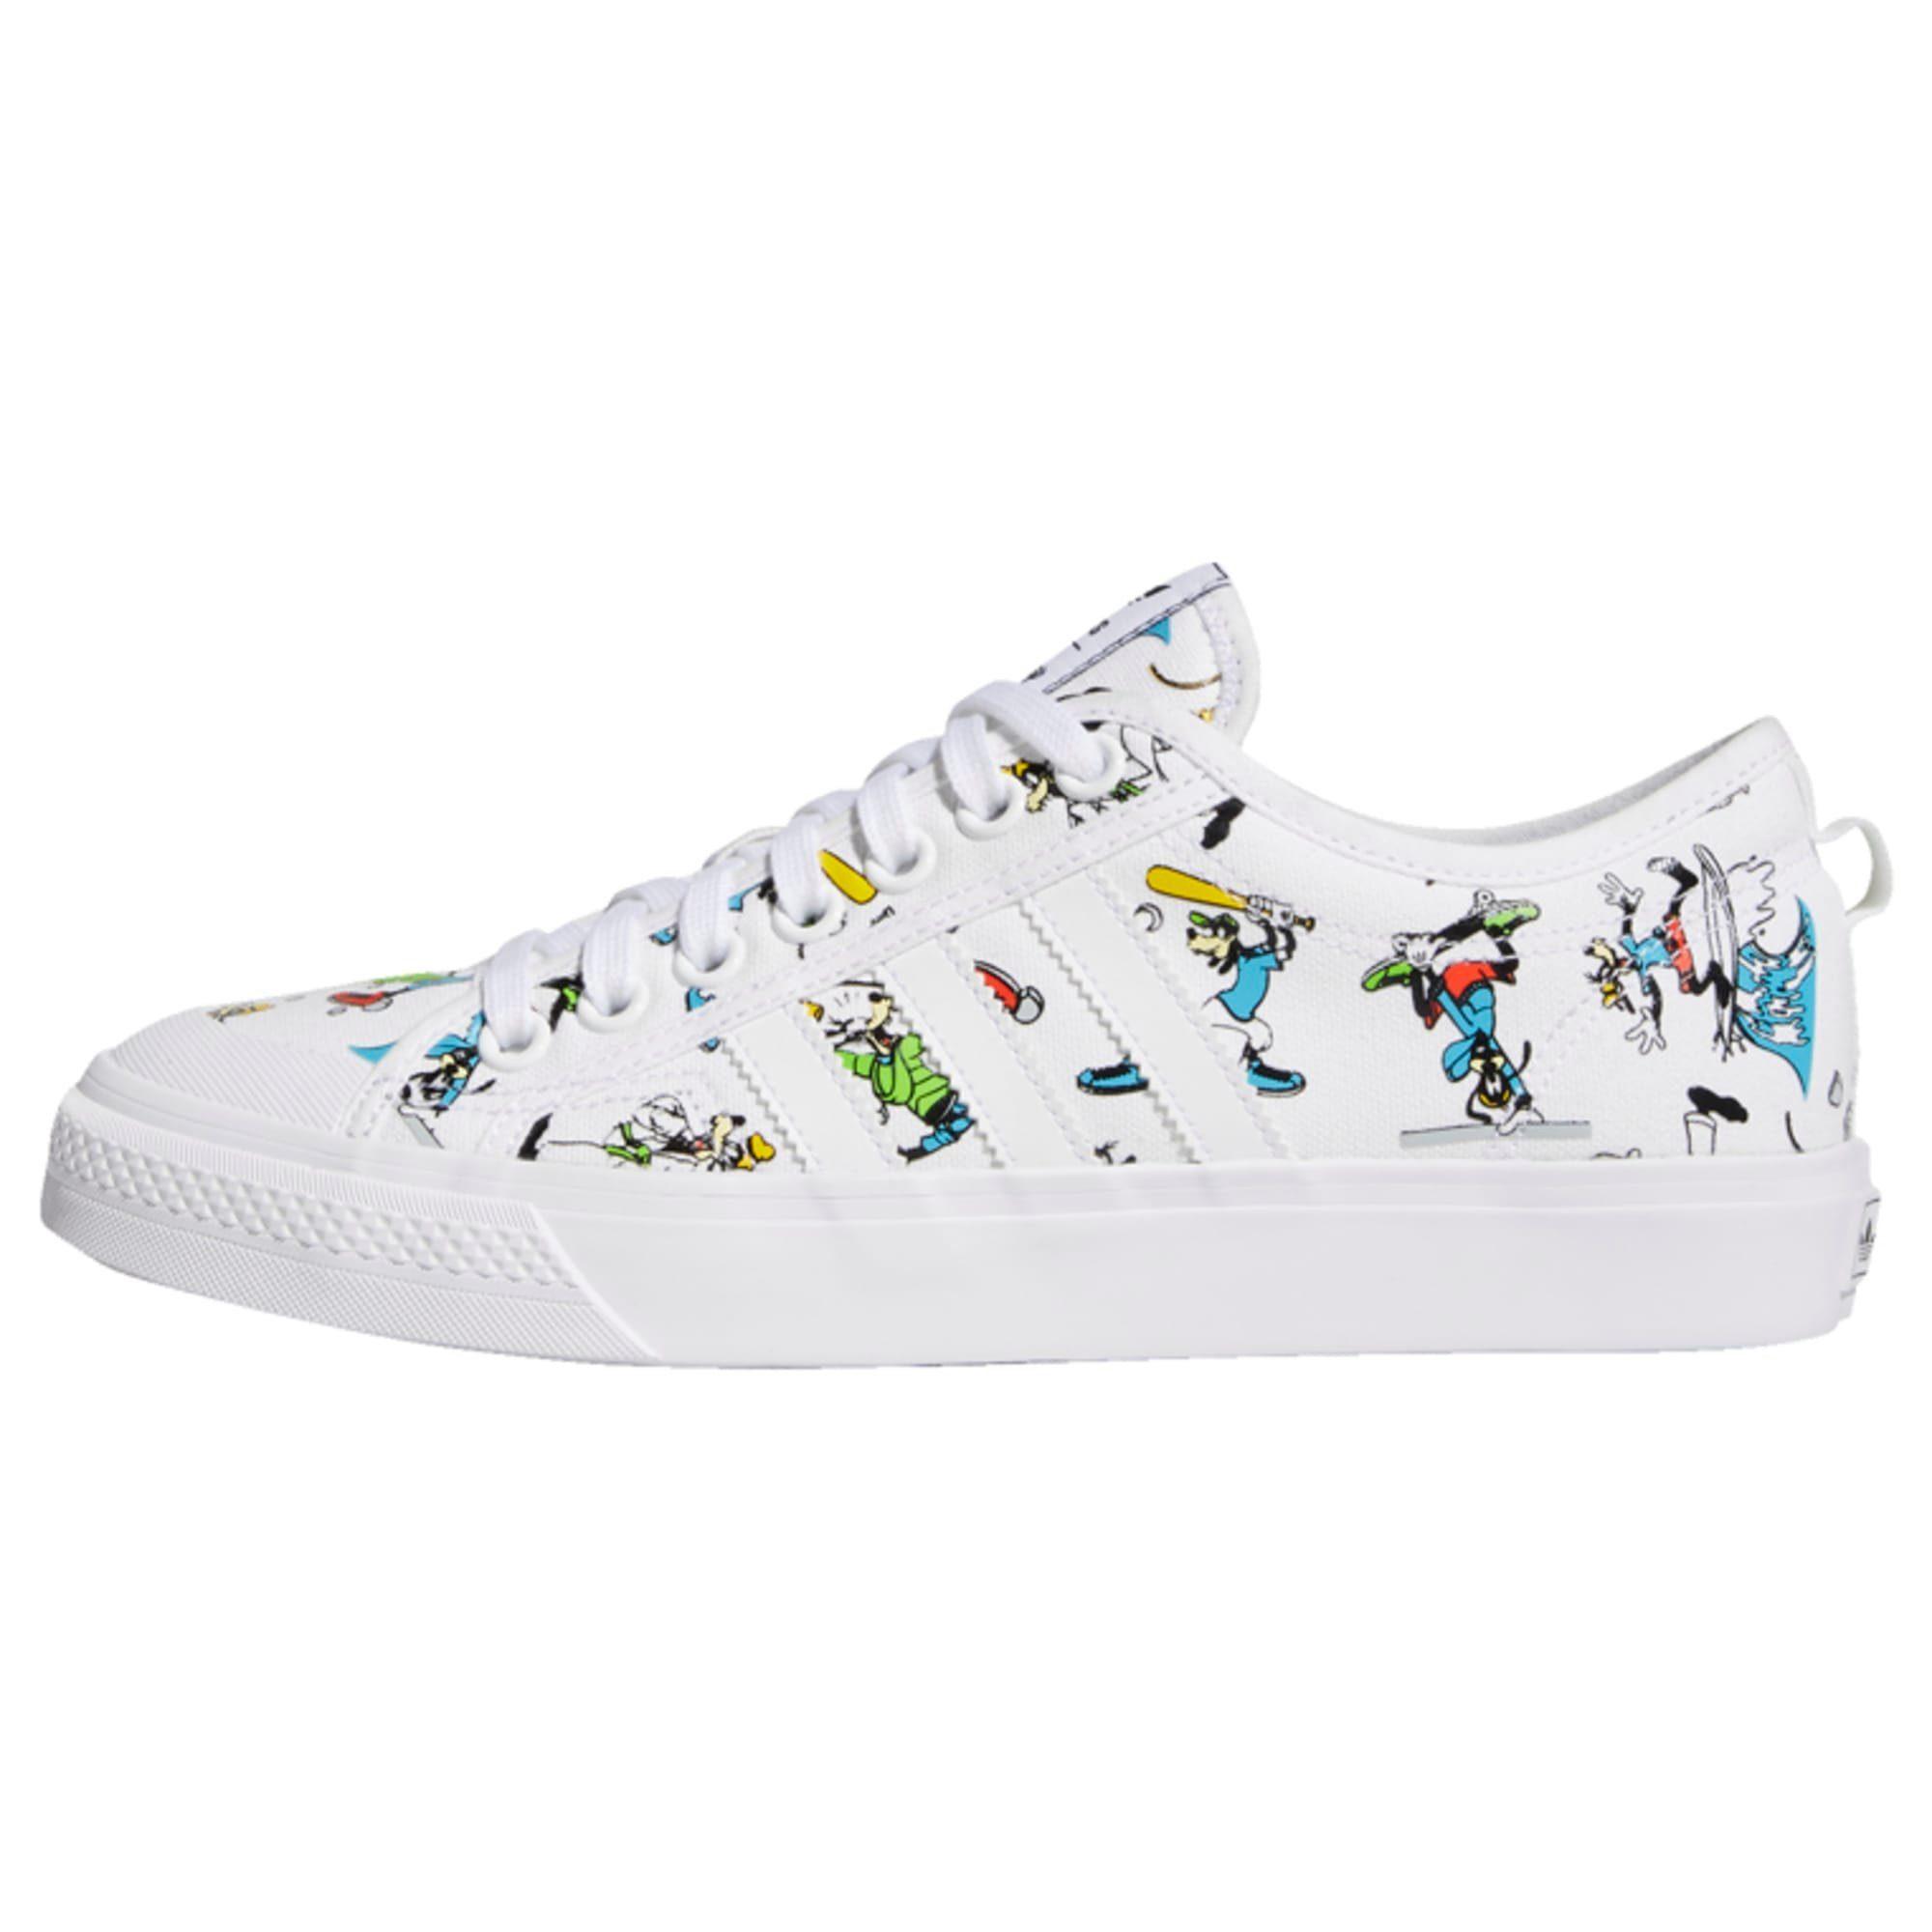 adidas Originals »Nizza x Disney Sport Goofy Schuh« Sneaker online kaufen |  OTTO